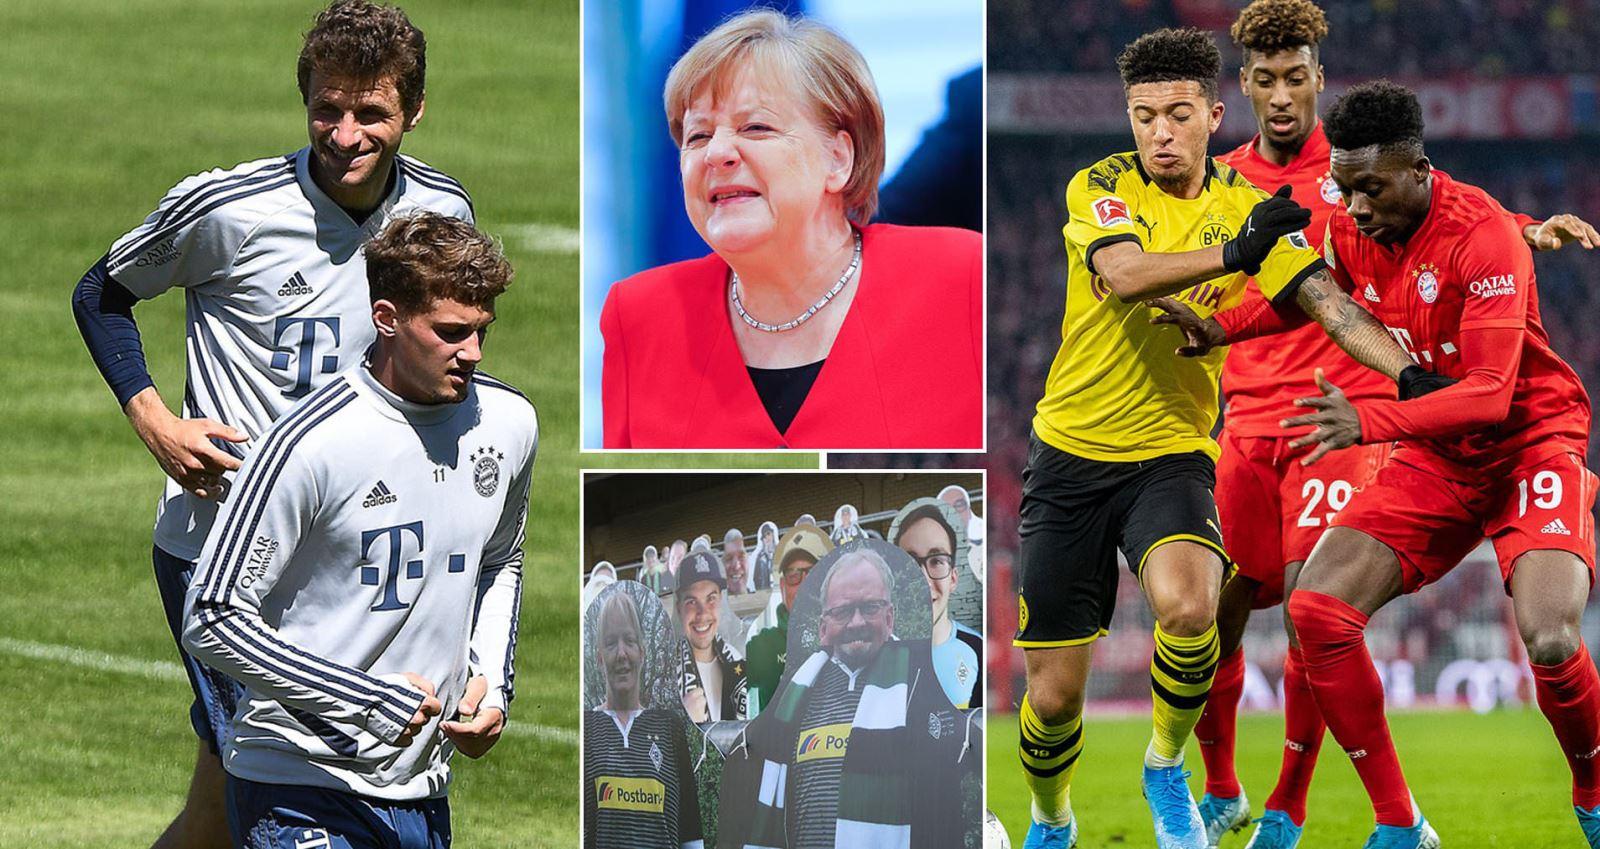 Tin tức bóng đá, Tin bóng đá, Bong da, Bao giờ Bundesliga trở lại, Bóng đá Đức, Bundesliga trở lại, Covid-19, bóng đá, bóng đá hôm nay, tin tuc bong da, Bayern, Dortmund